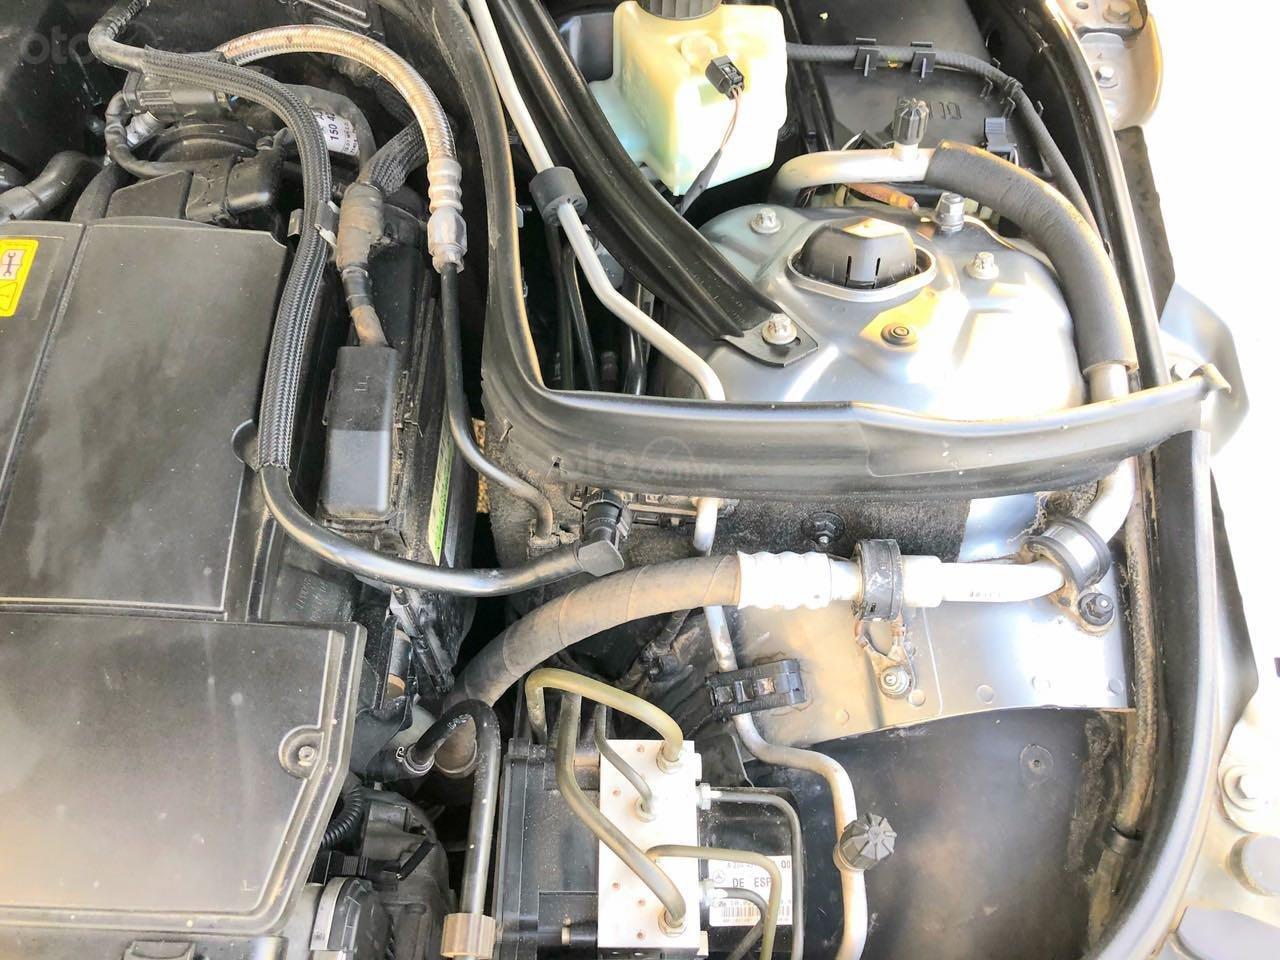 Bán xe Mercedes-Benz C class đăng ký lần đầu 2008, mới 95% giá tốt 415 triệu đồng (7)